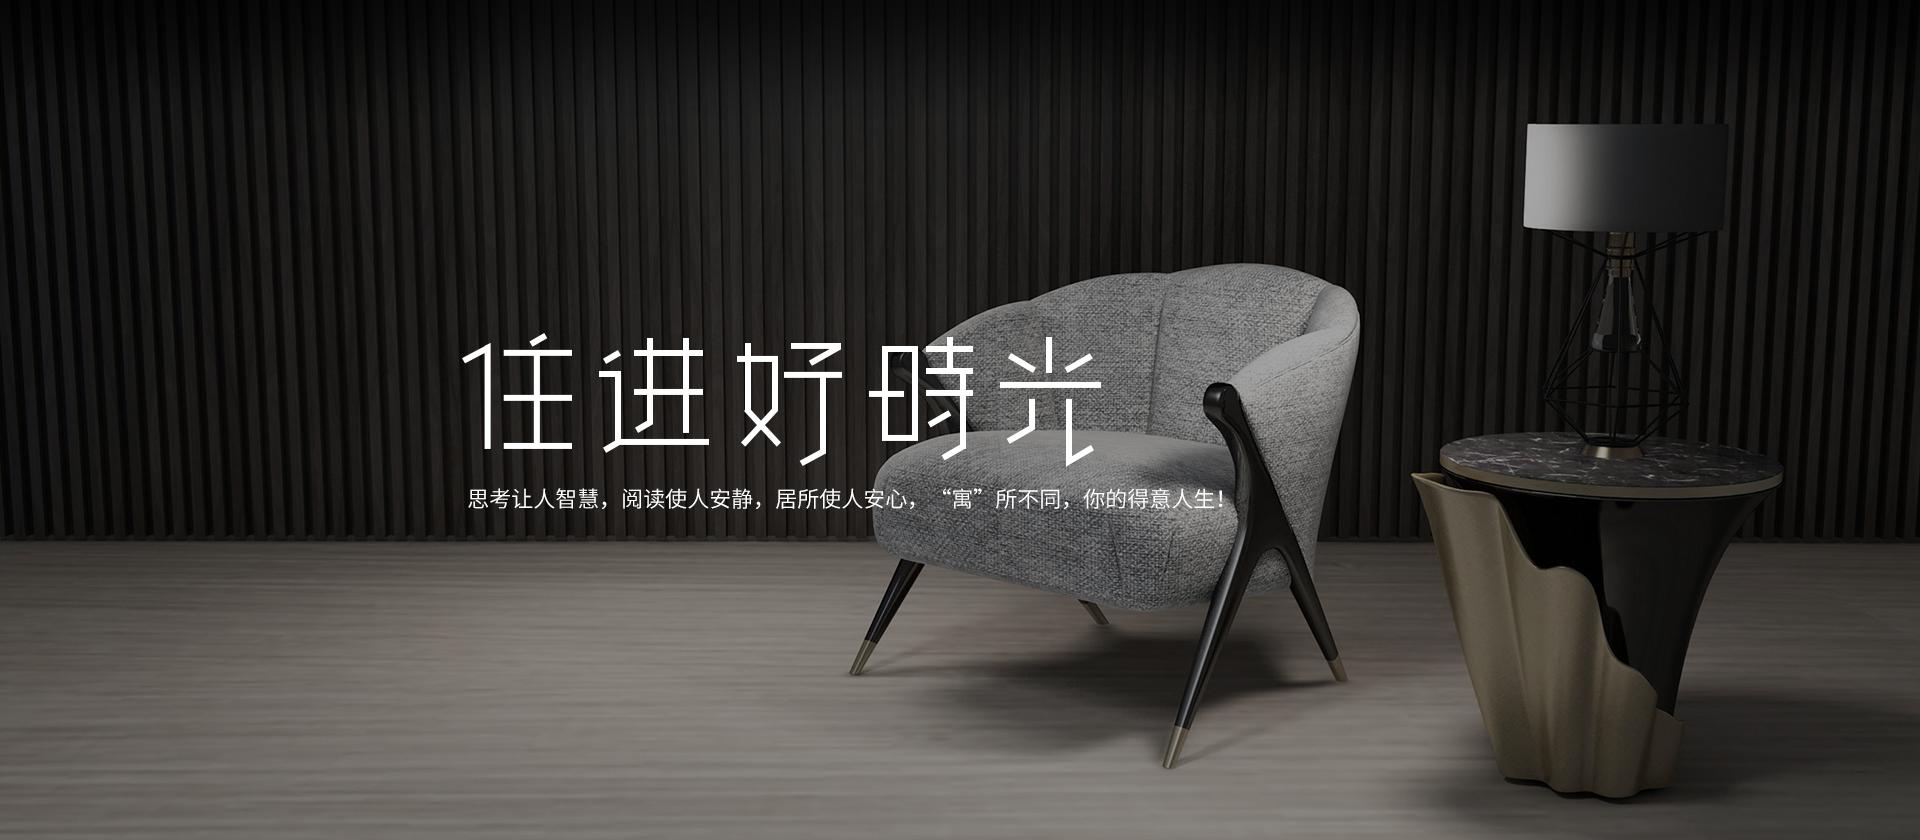 官网测试banner